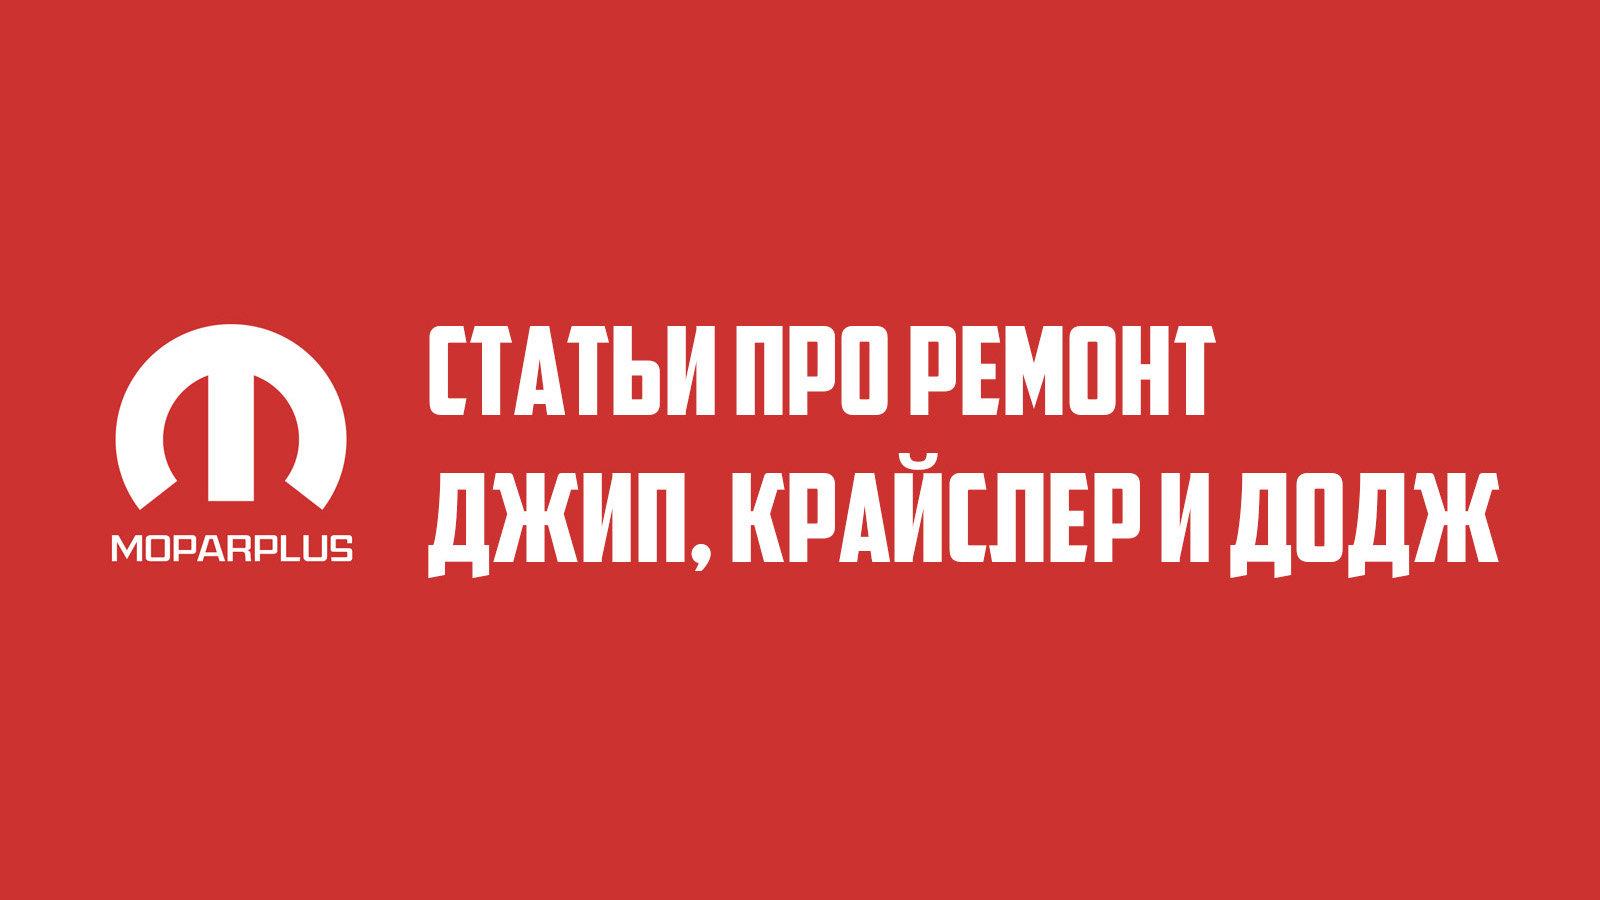 Статьи про ремонт. Выпуск №47.